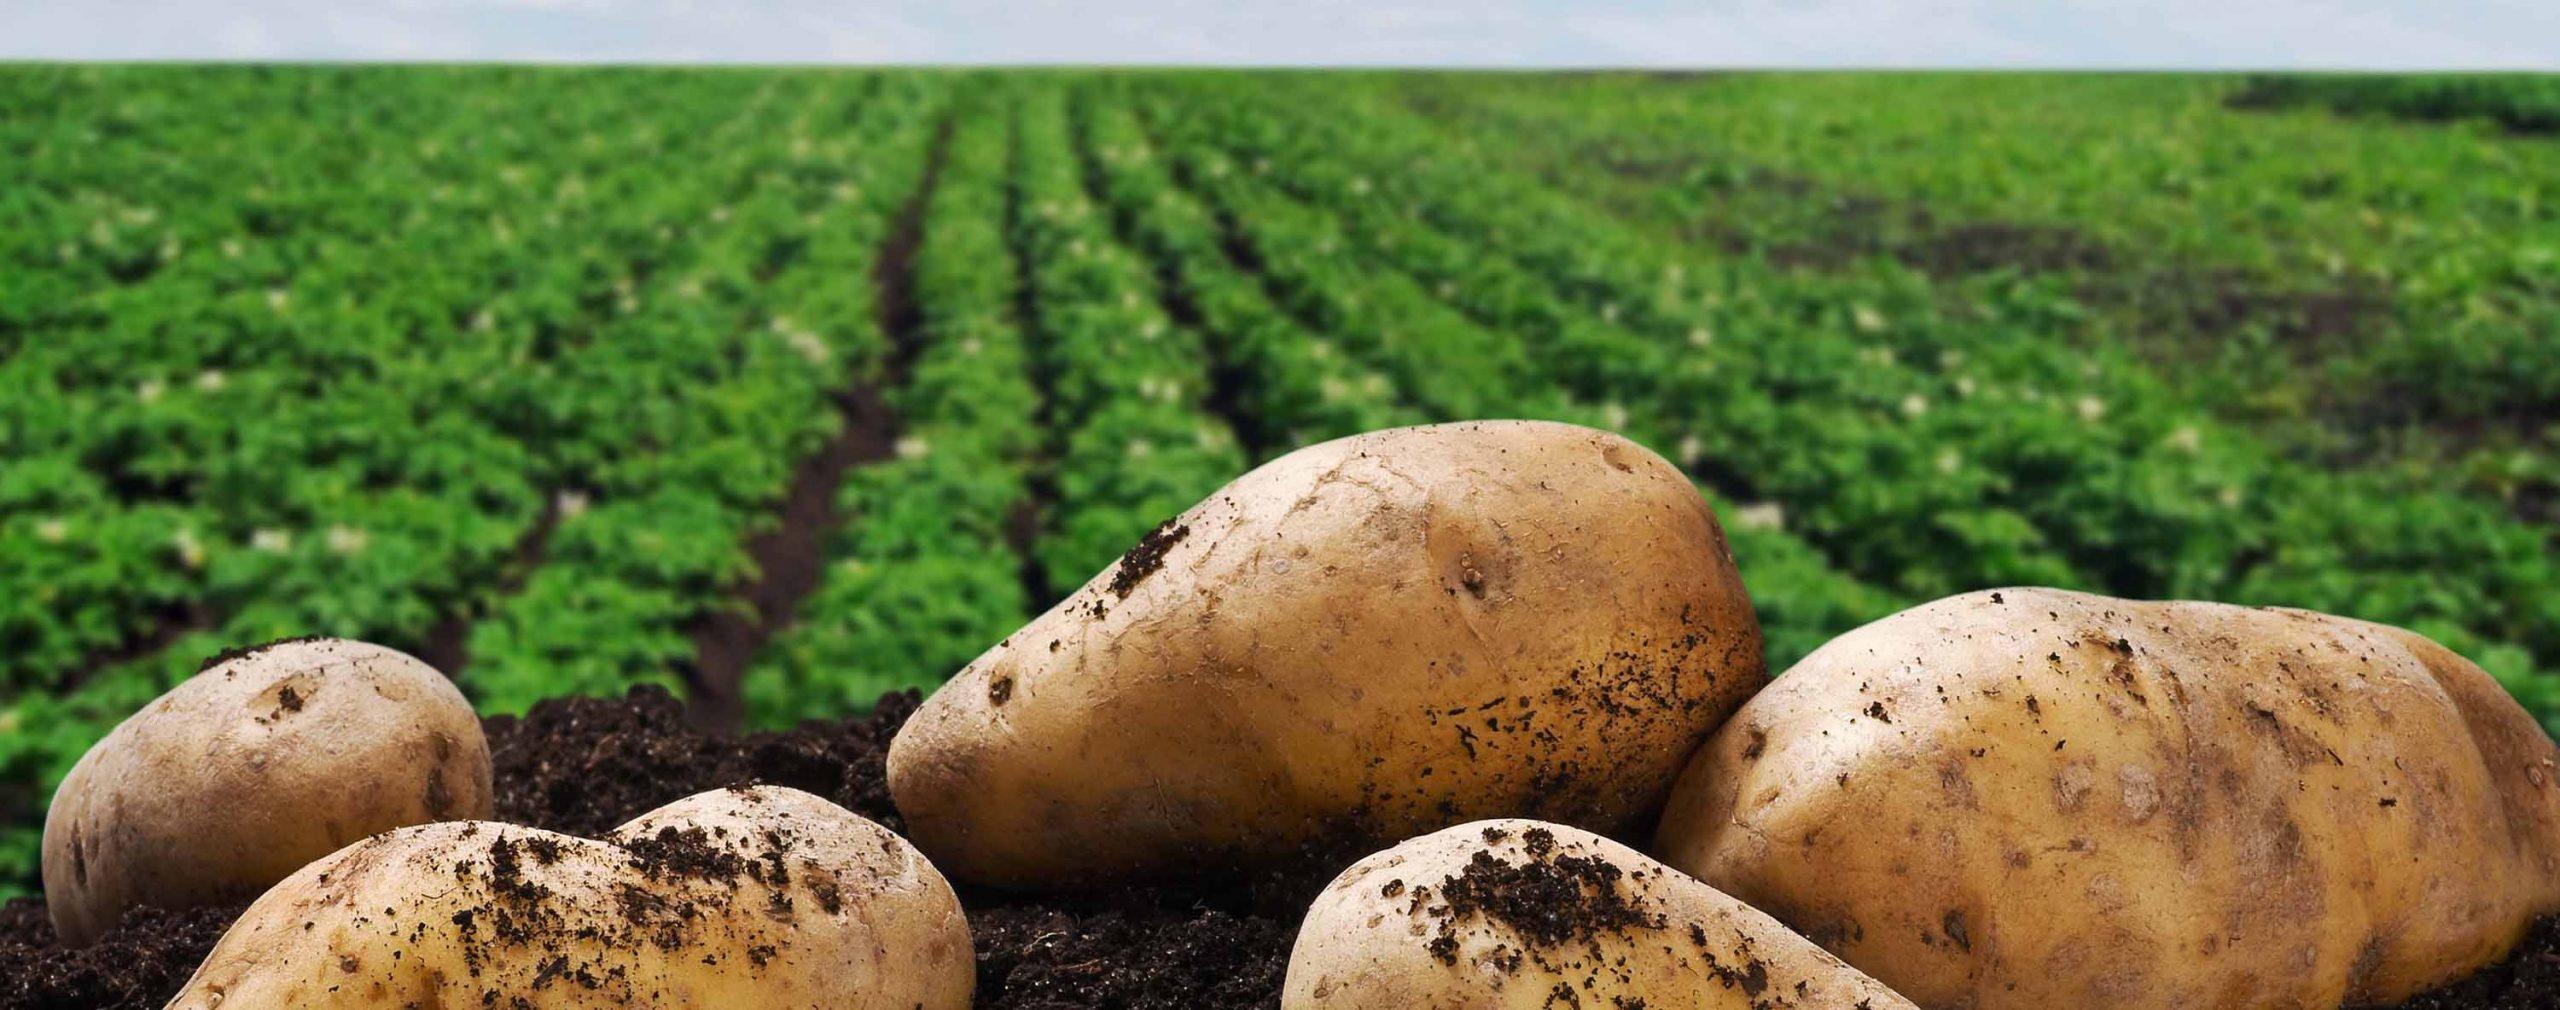 Виды гнили картофеля в земле и при хранении: как бороться